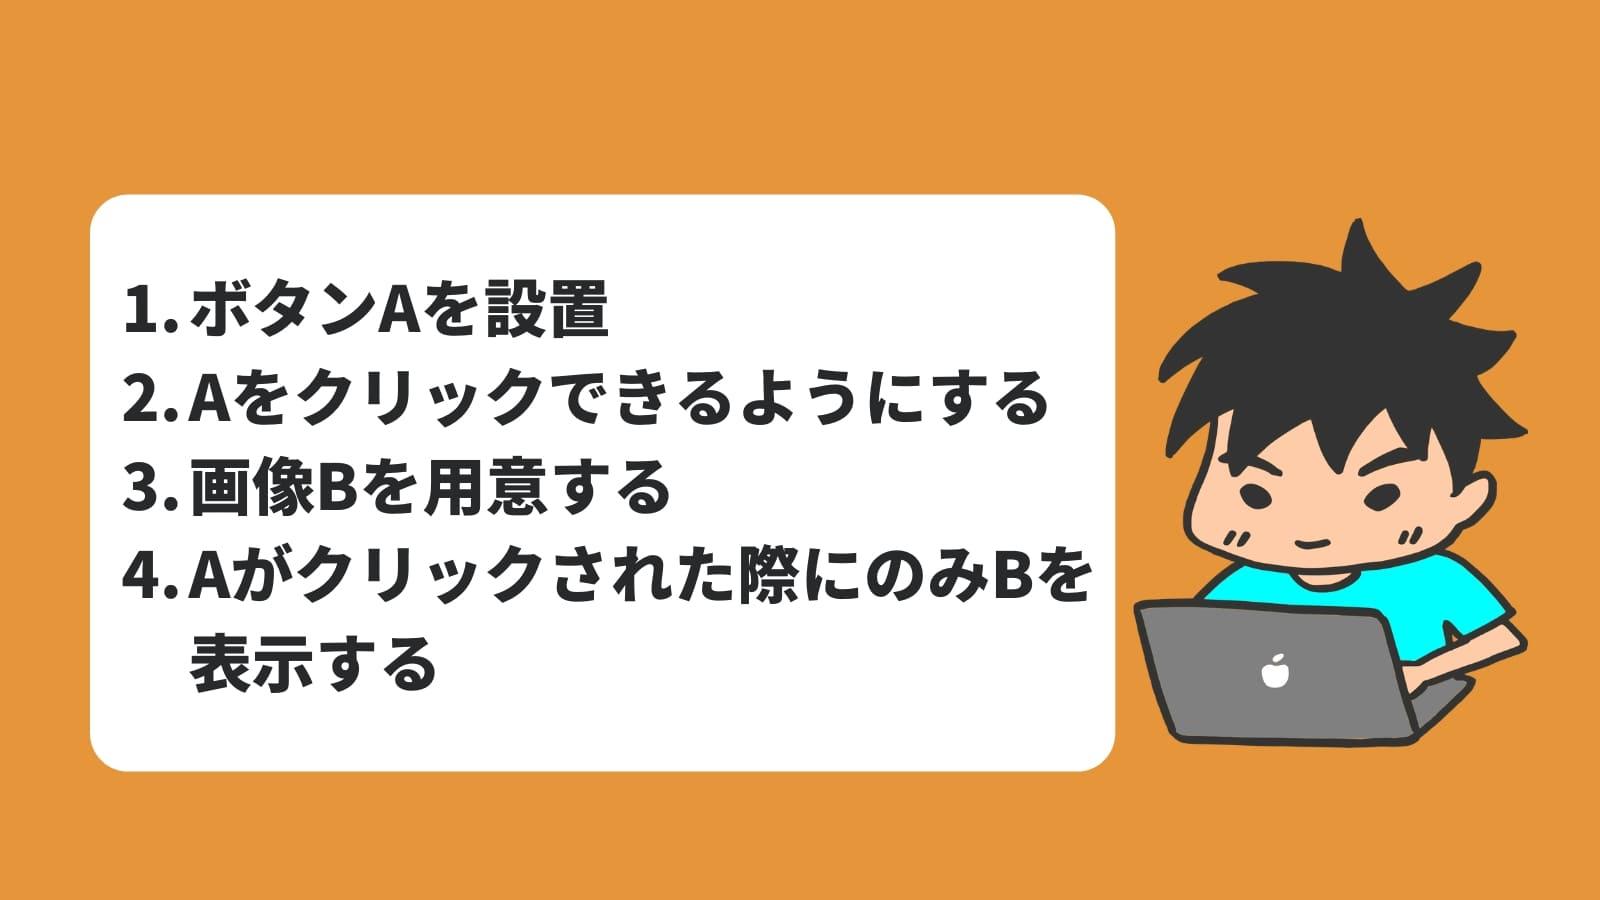 ボタンAを設置 Aをクリックできるようにする 画像Bを用意する Aがクリックされた際にのみBを表示する